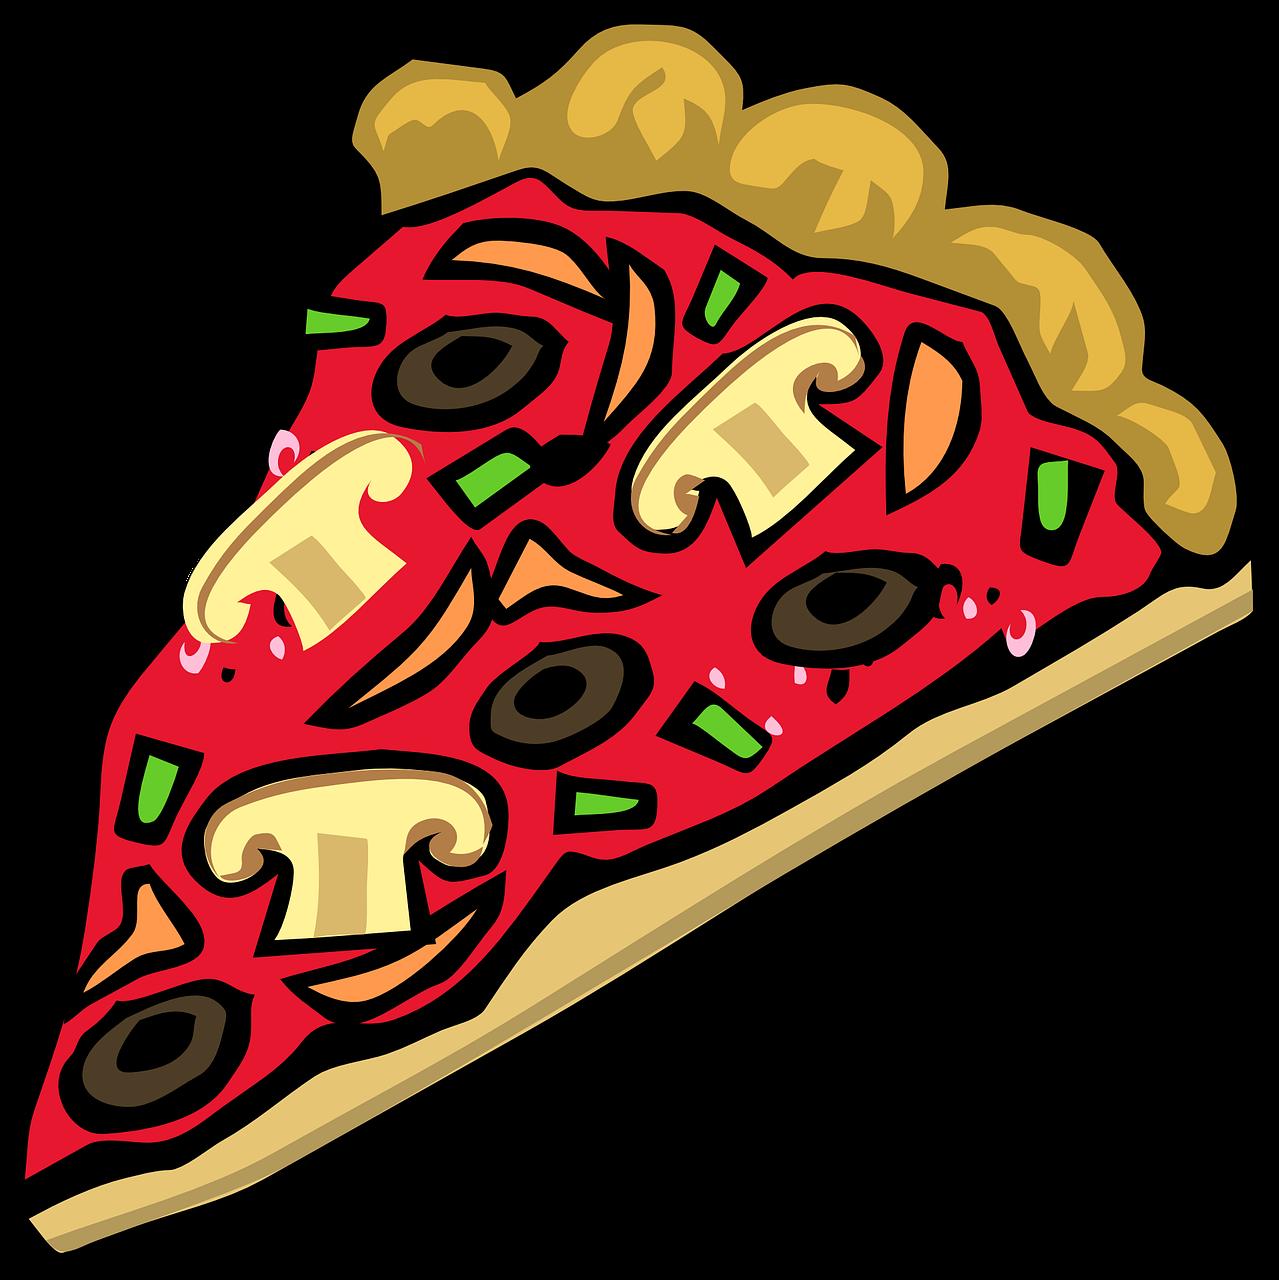 кусочек пиццы рисунок школы